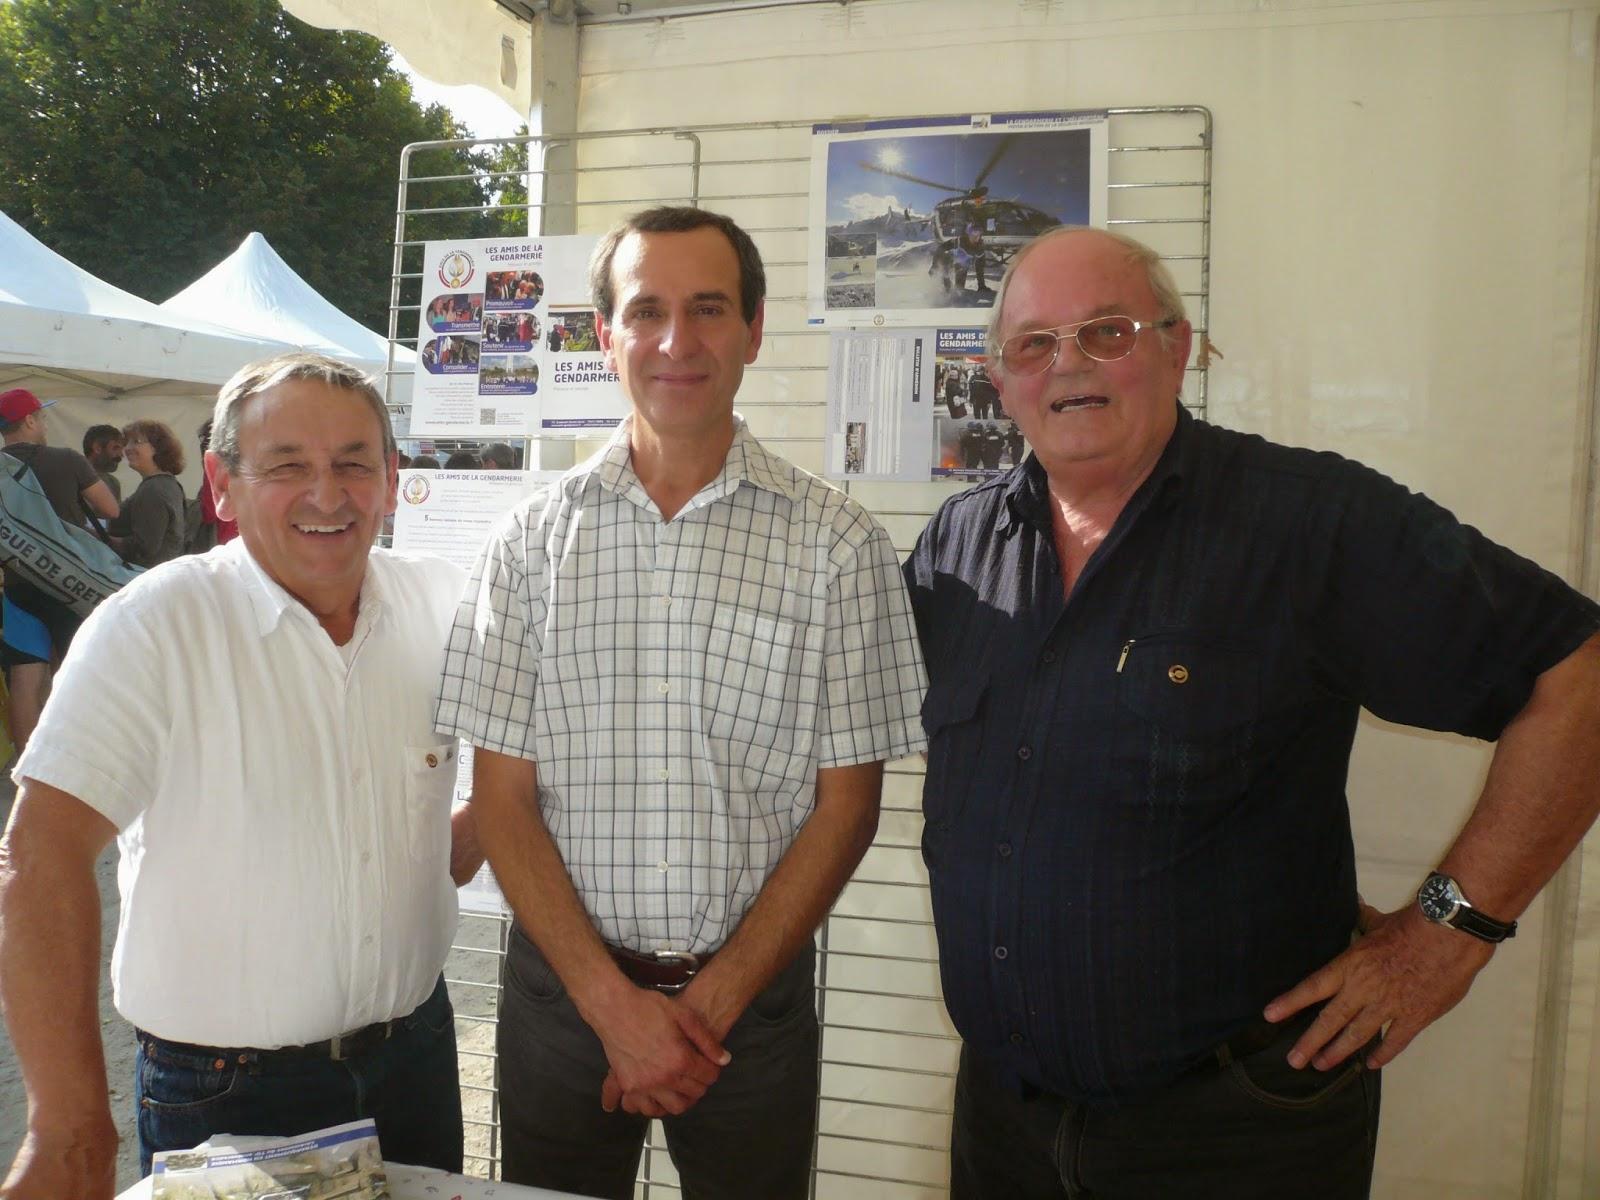 Comite 93 des amis de la gendarmerie 2014 - Bureau de change seine saint denis ...